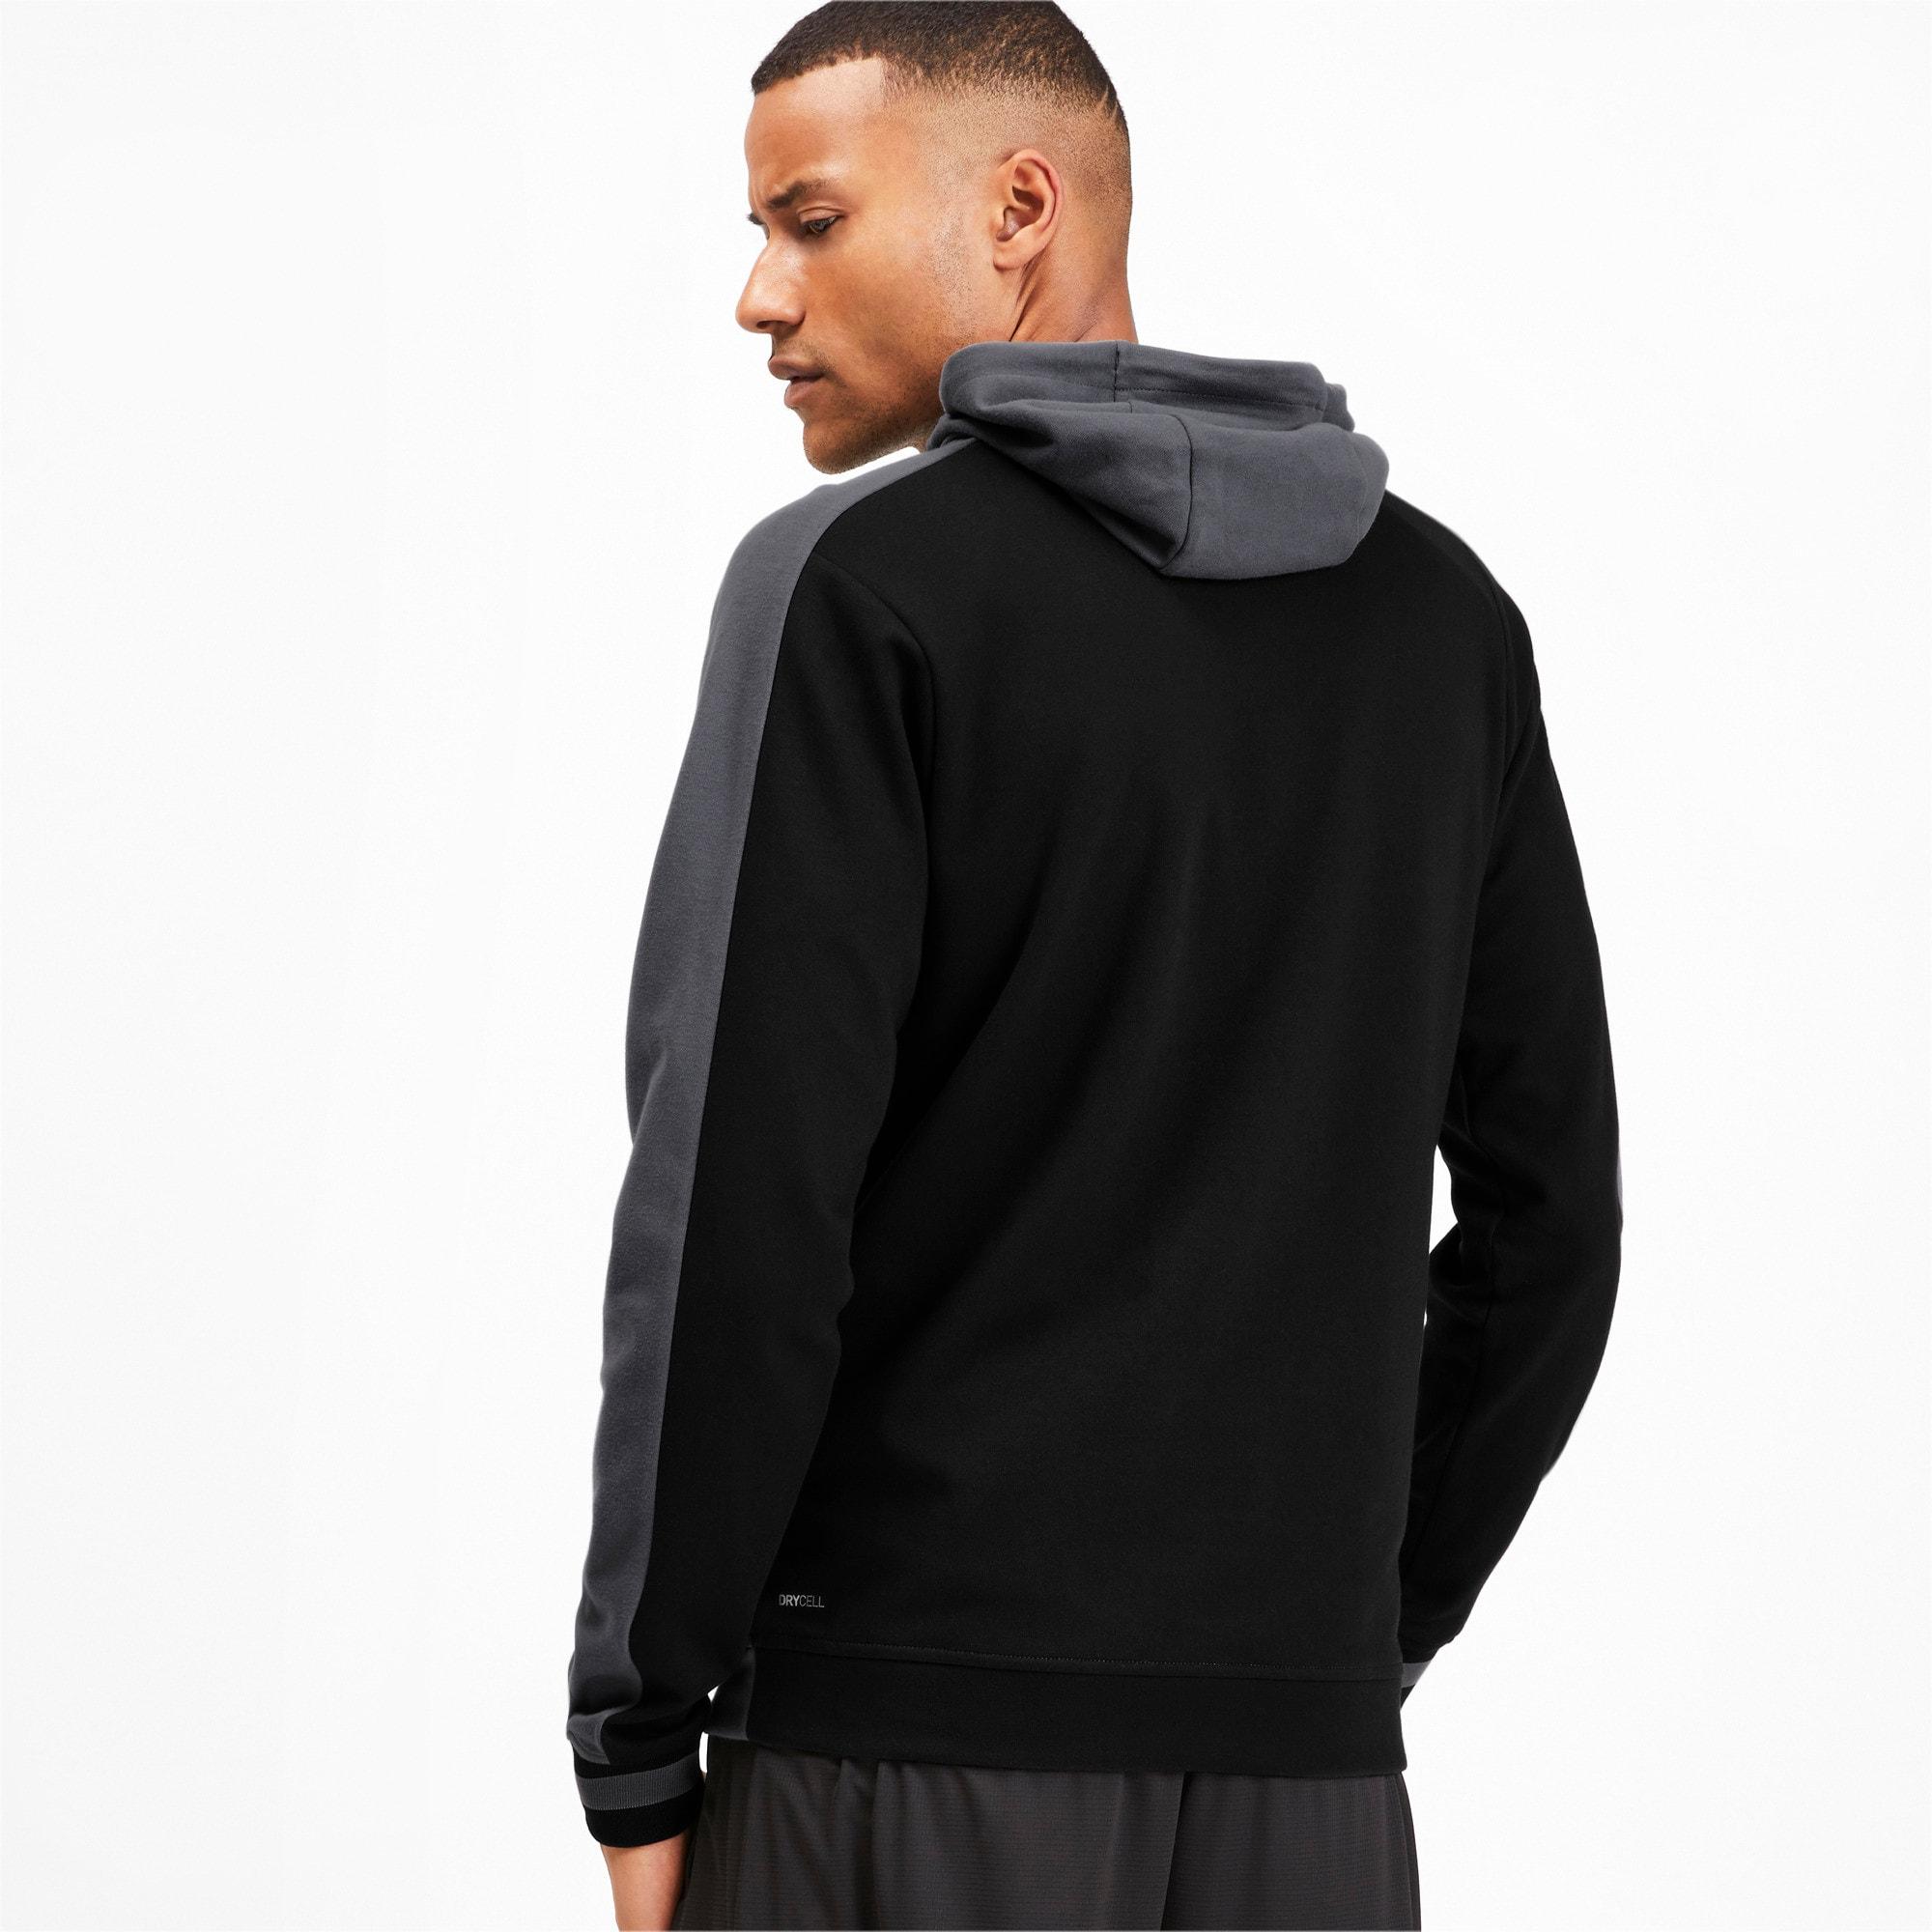 Thumbnail 2 of Collective hoodie voor heren, CASTLEROCK-Puma Black, medium